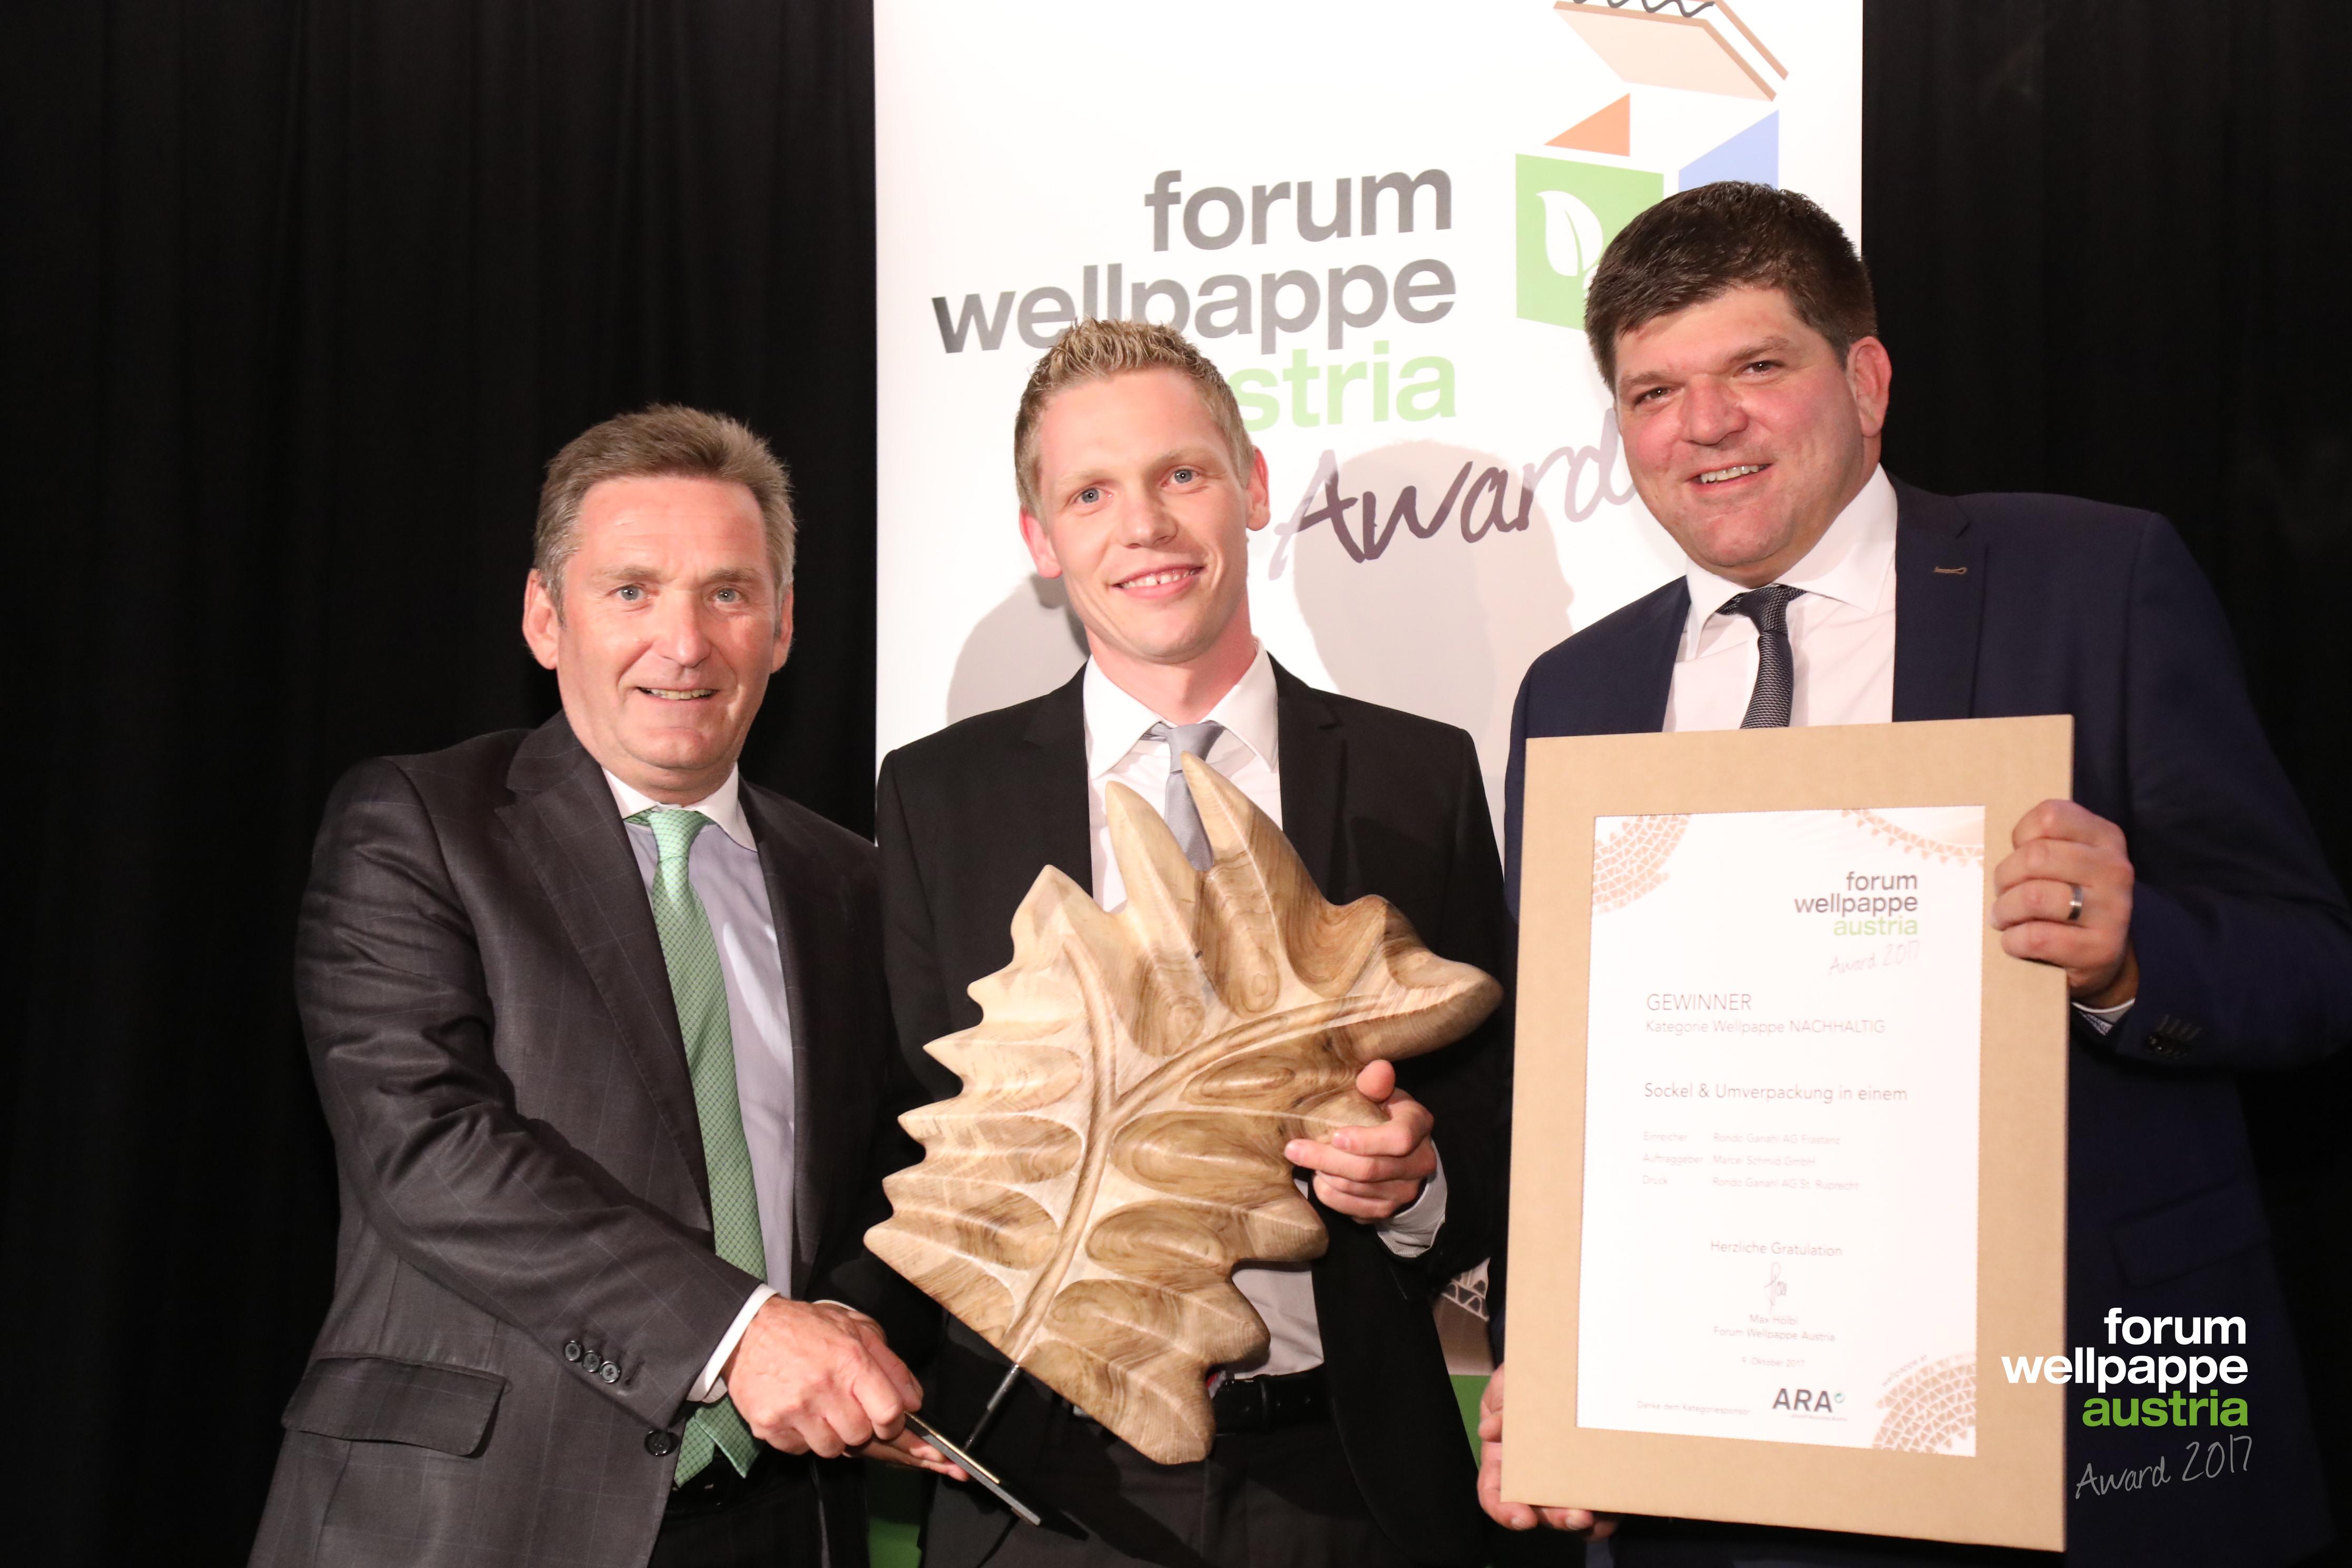 Wellpappe Award 2017 Gewinner Nachhaltig W. Knausz ARA M. Geiger Rondo S. Kaar Rondo © L. Schedl